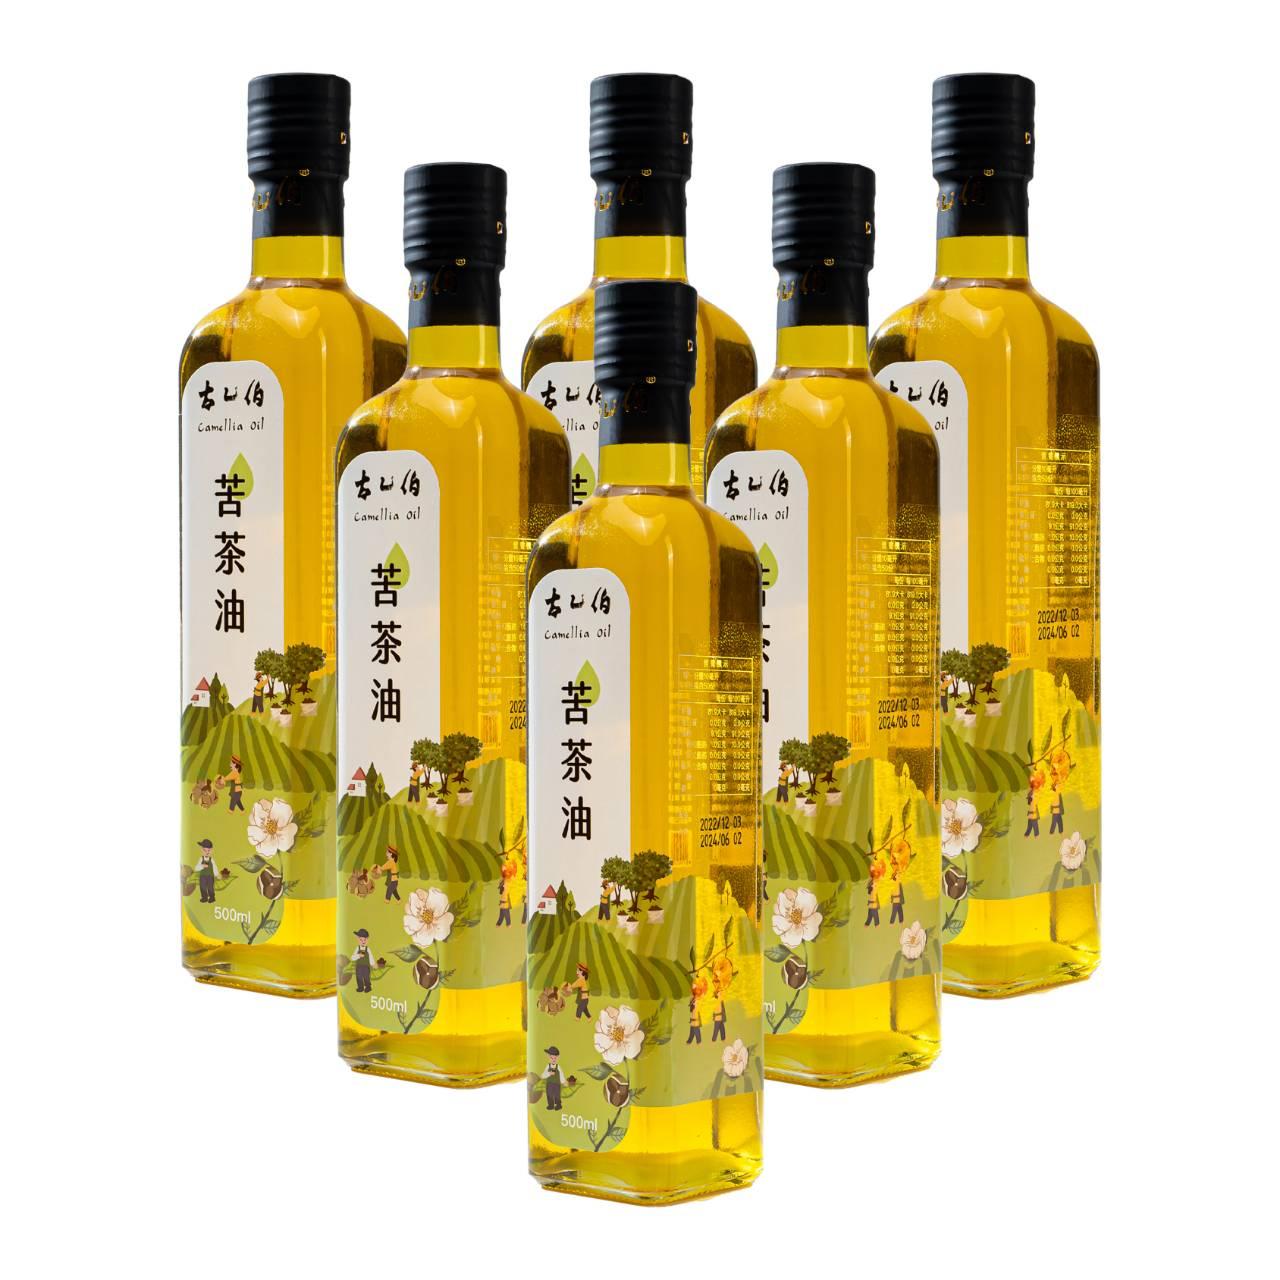 《古乙伯》苦茶油 (500ml /6瓶),初榨苦茶油,無添加,高營養,顧胃,茶油料理